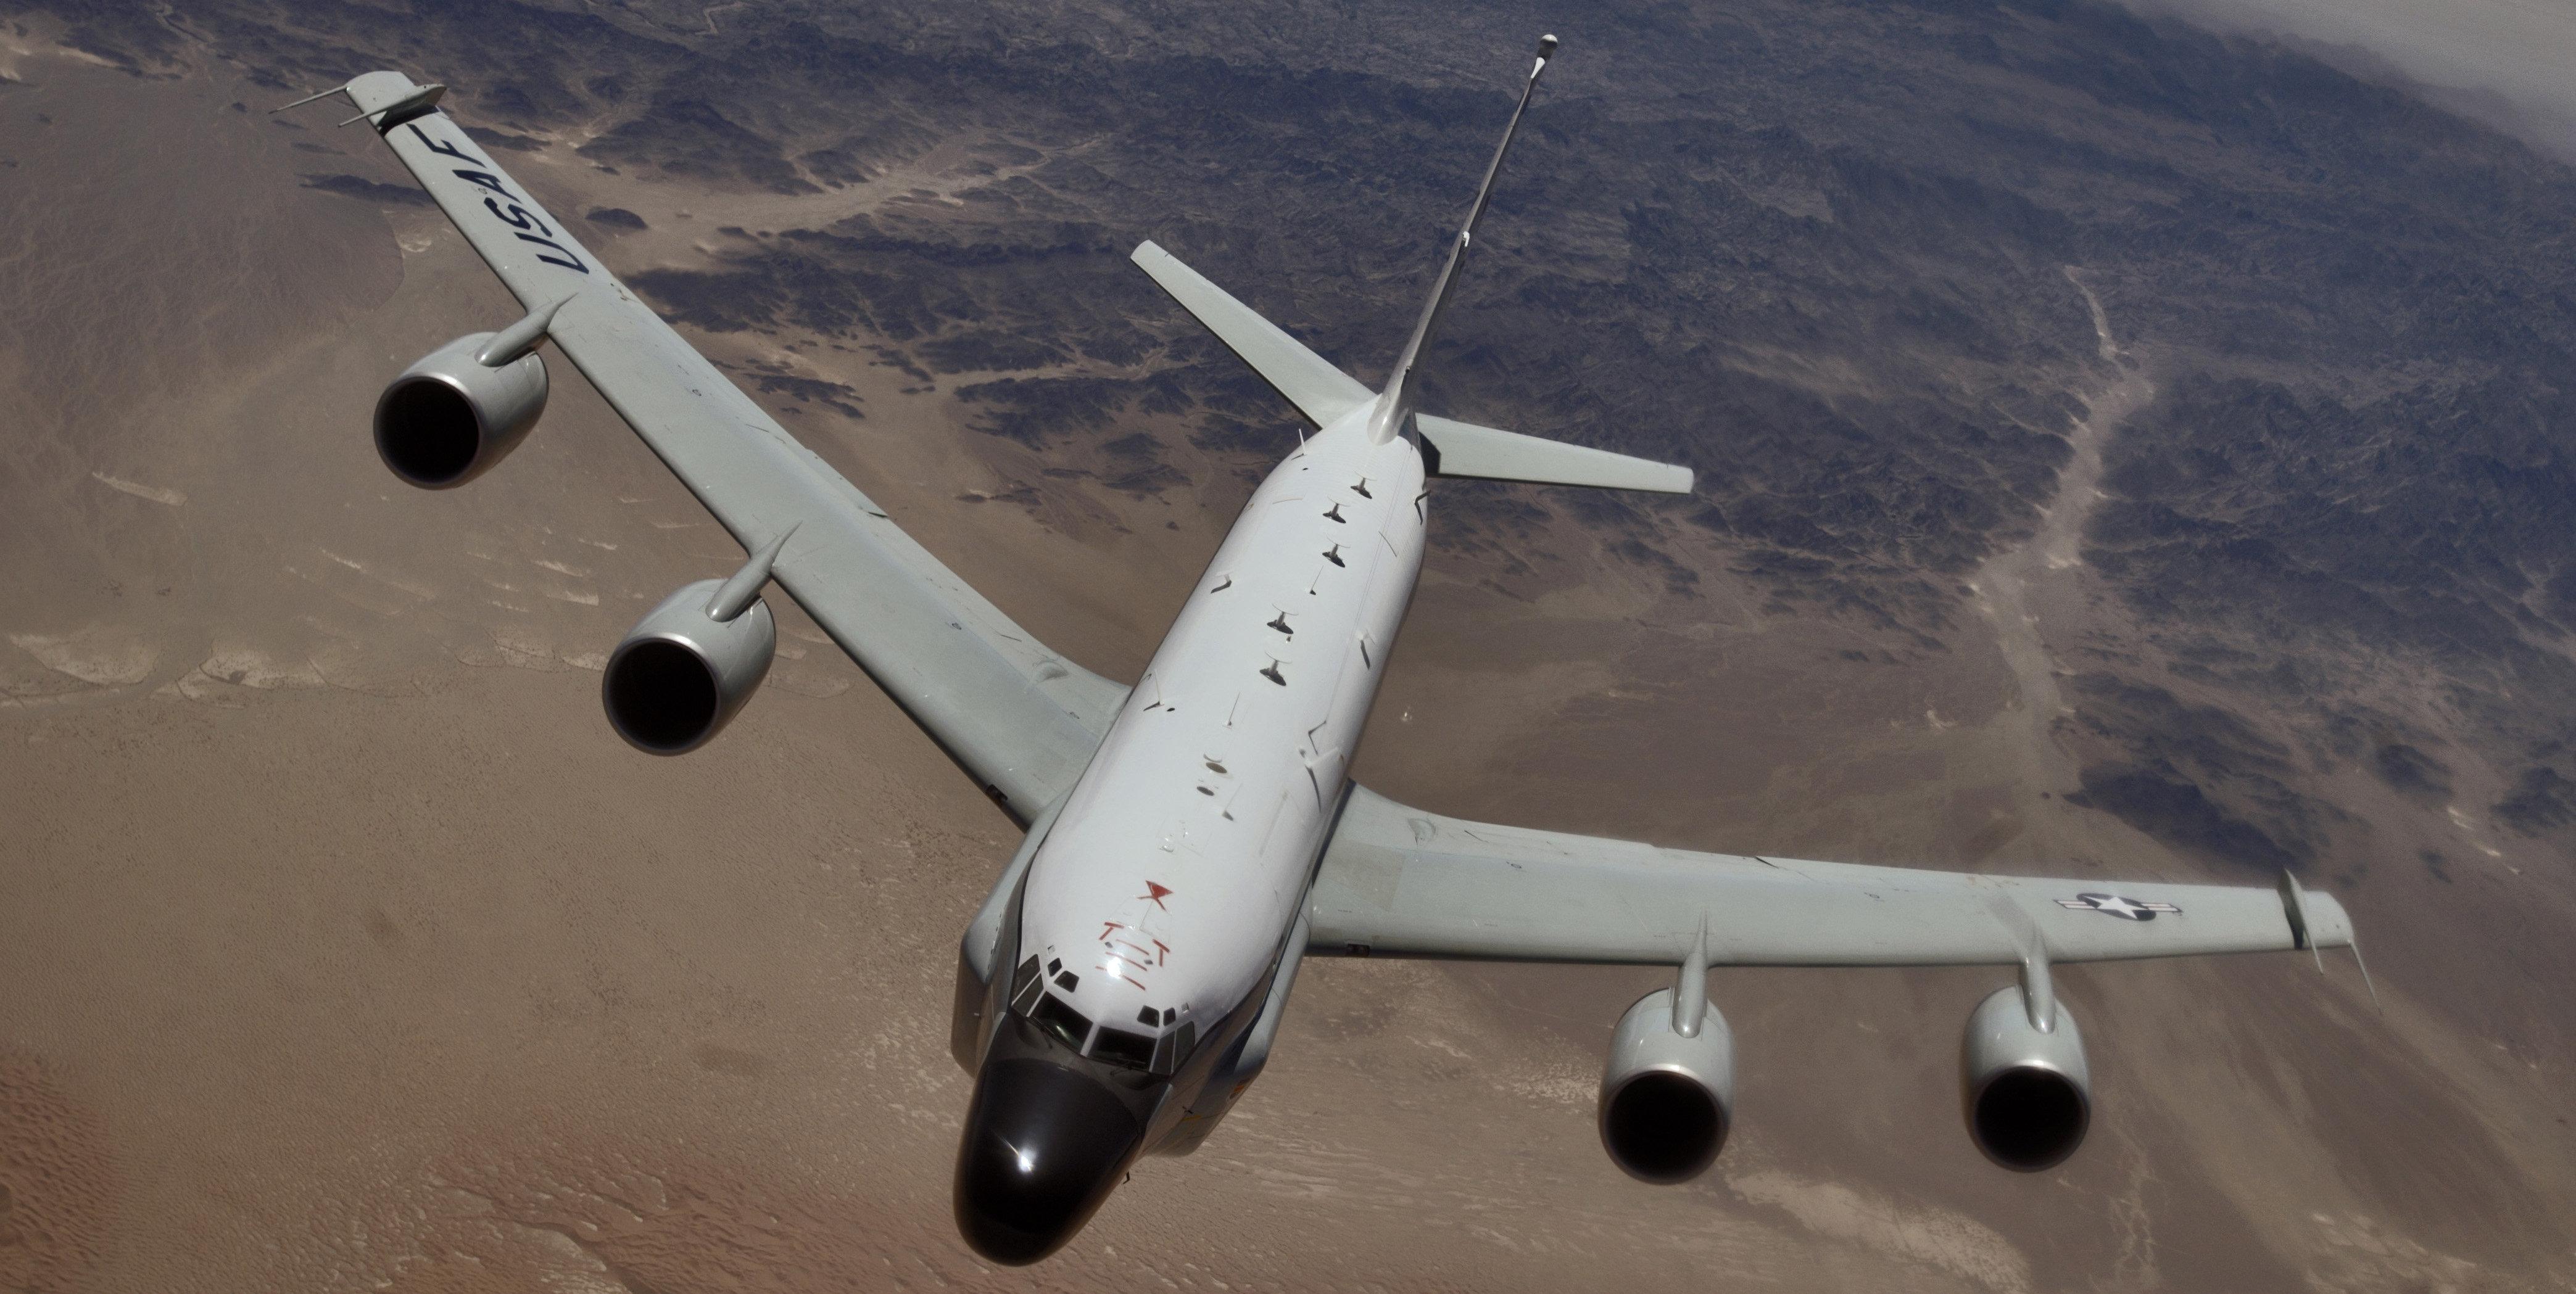 Un avión espía RC-135 desde el que se avistó al ovni